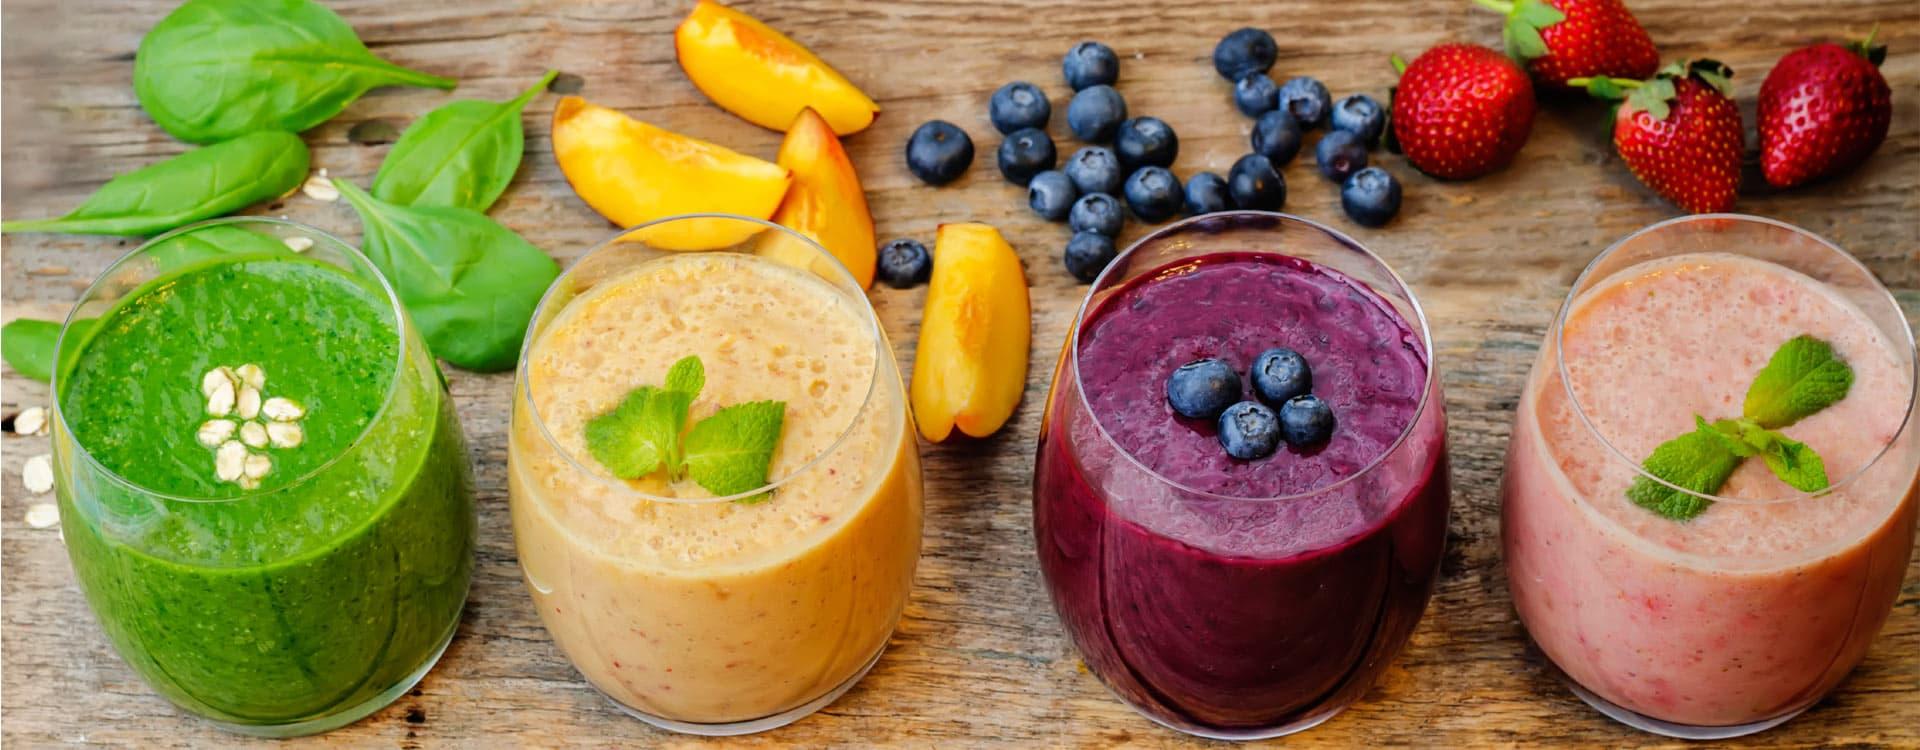 Lag deg smoothies - en superenkel og god måte å få i seg mer frukt og grønnsaker på.